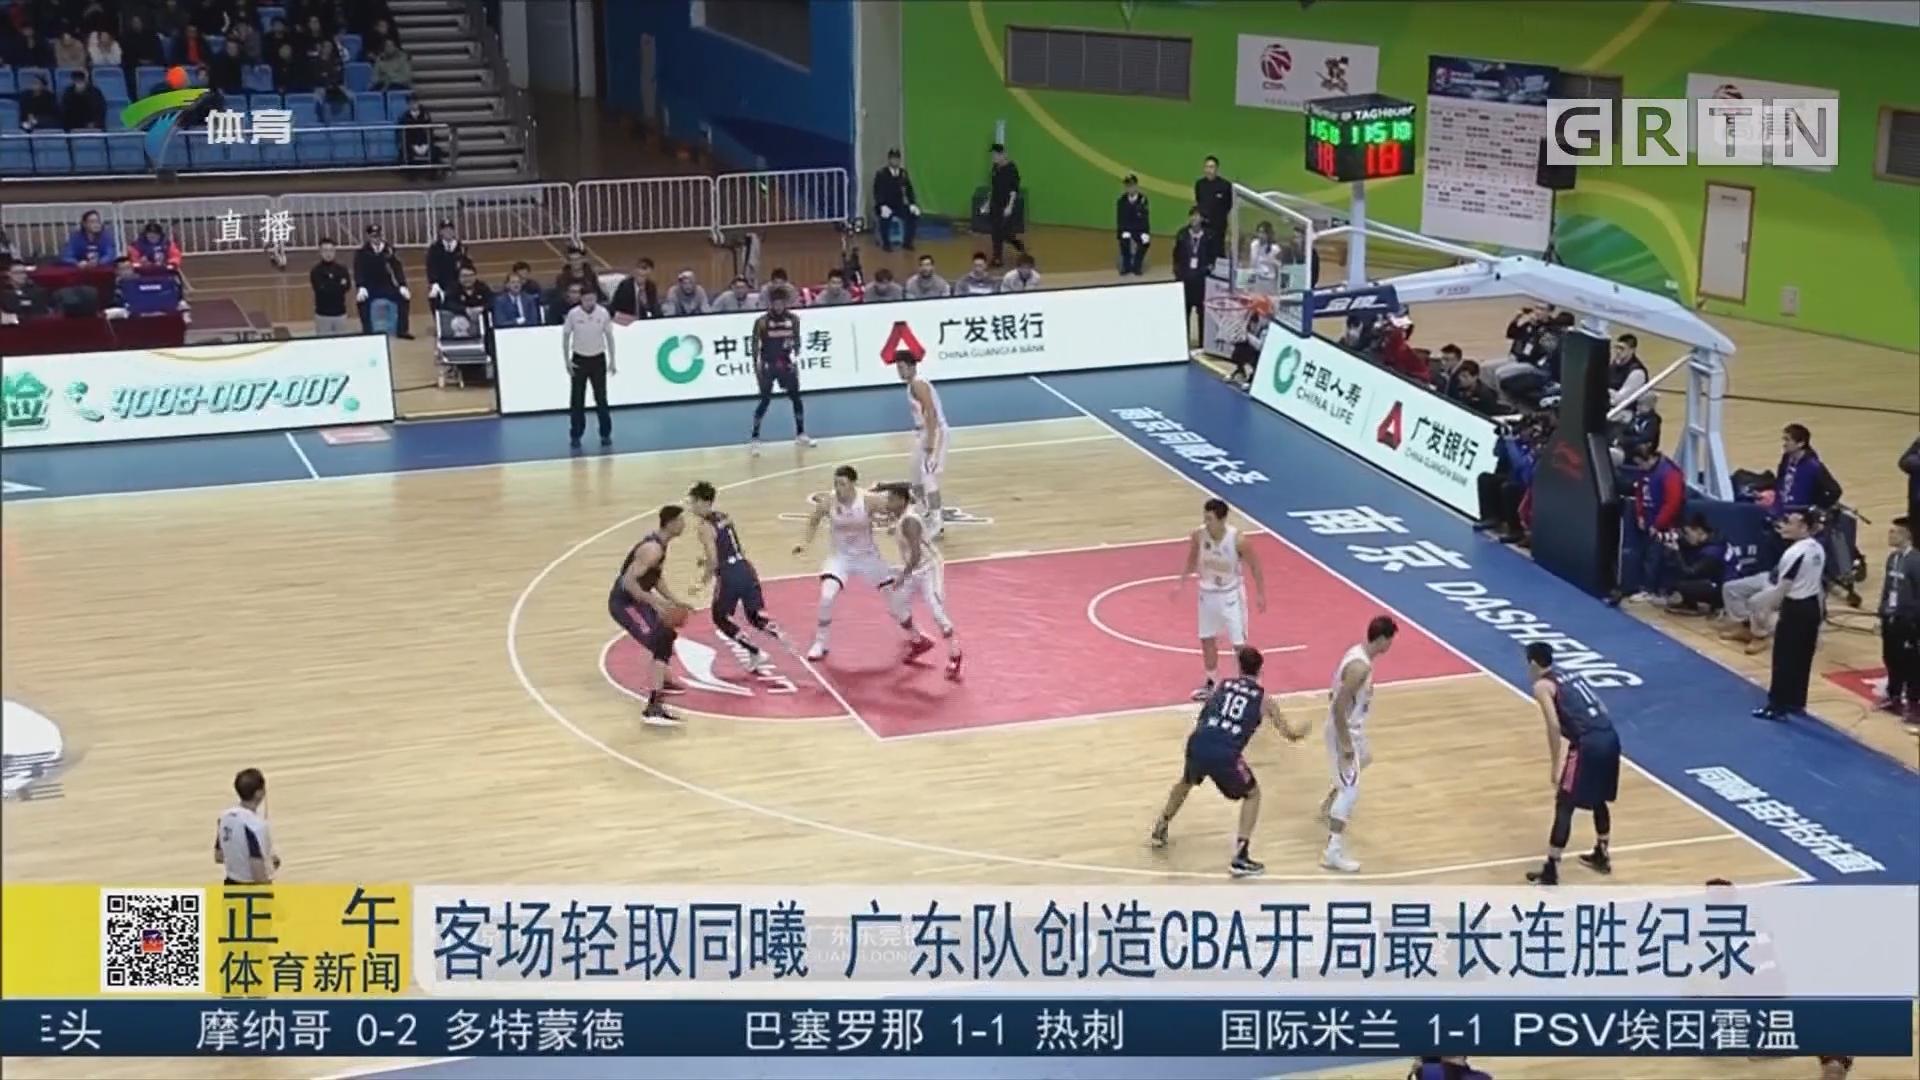 客场轻取同曦 广东队创造CBA开局最长连胜纪录